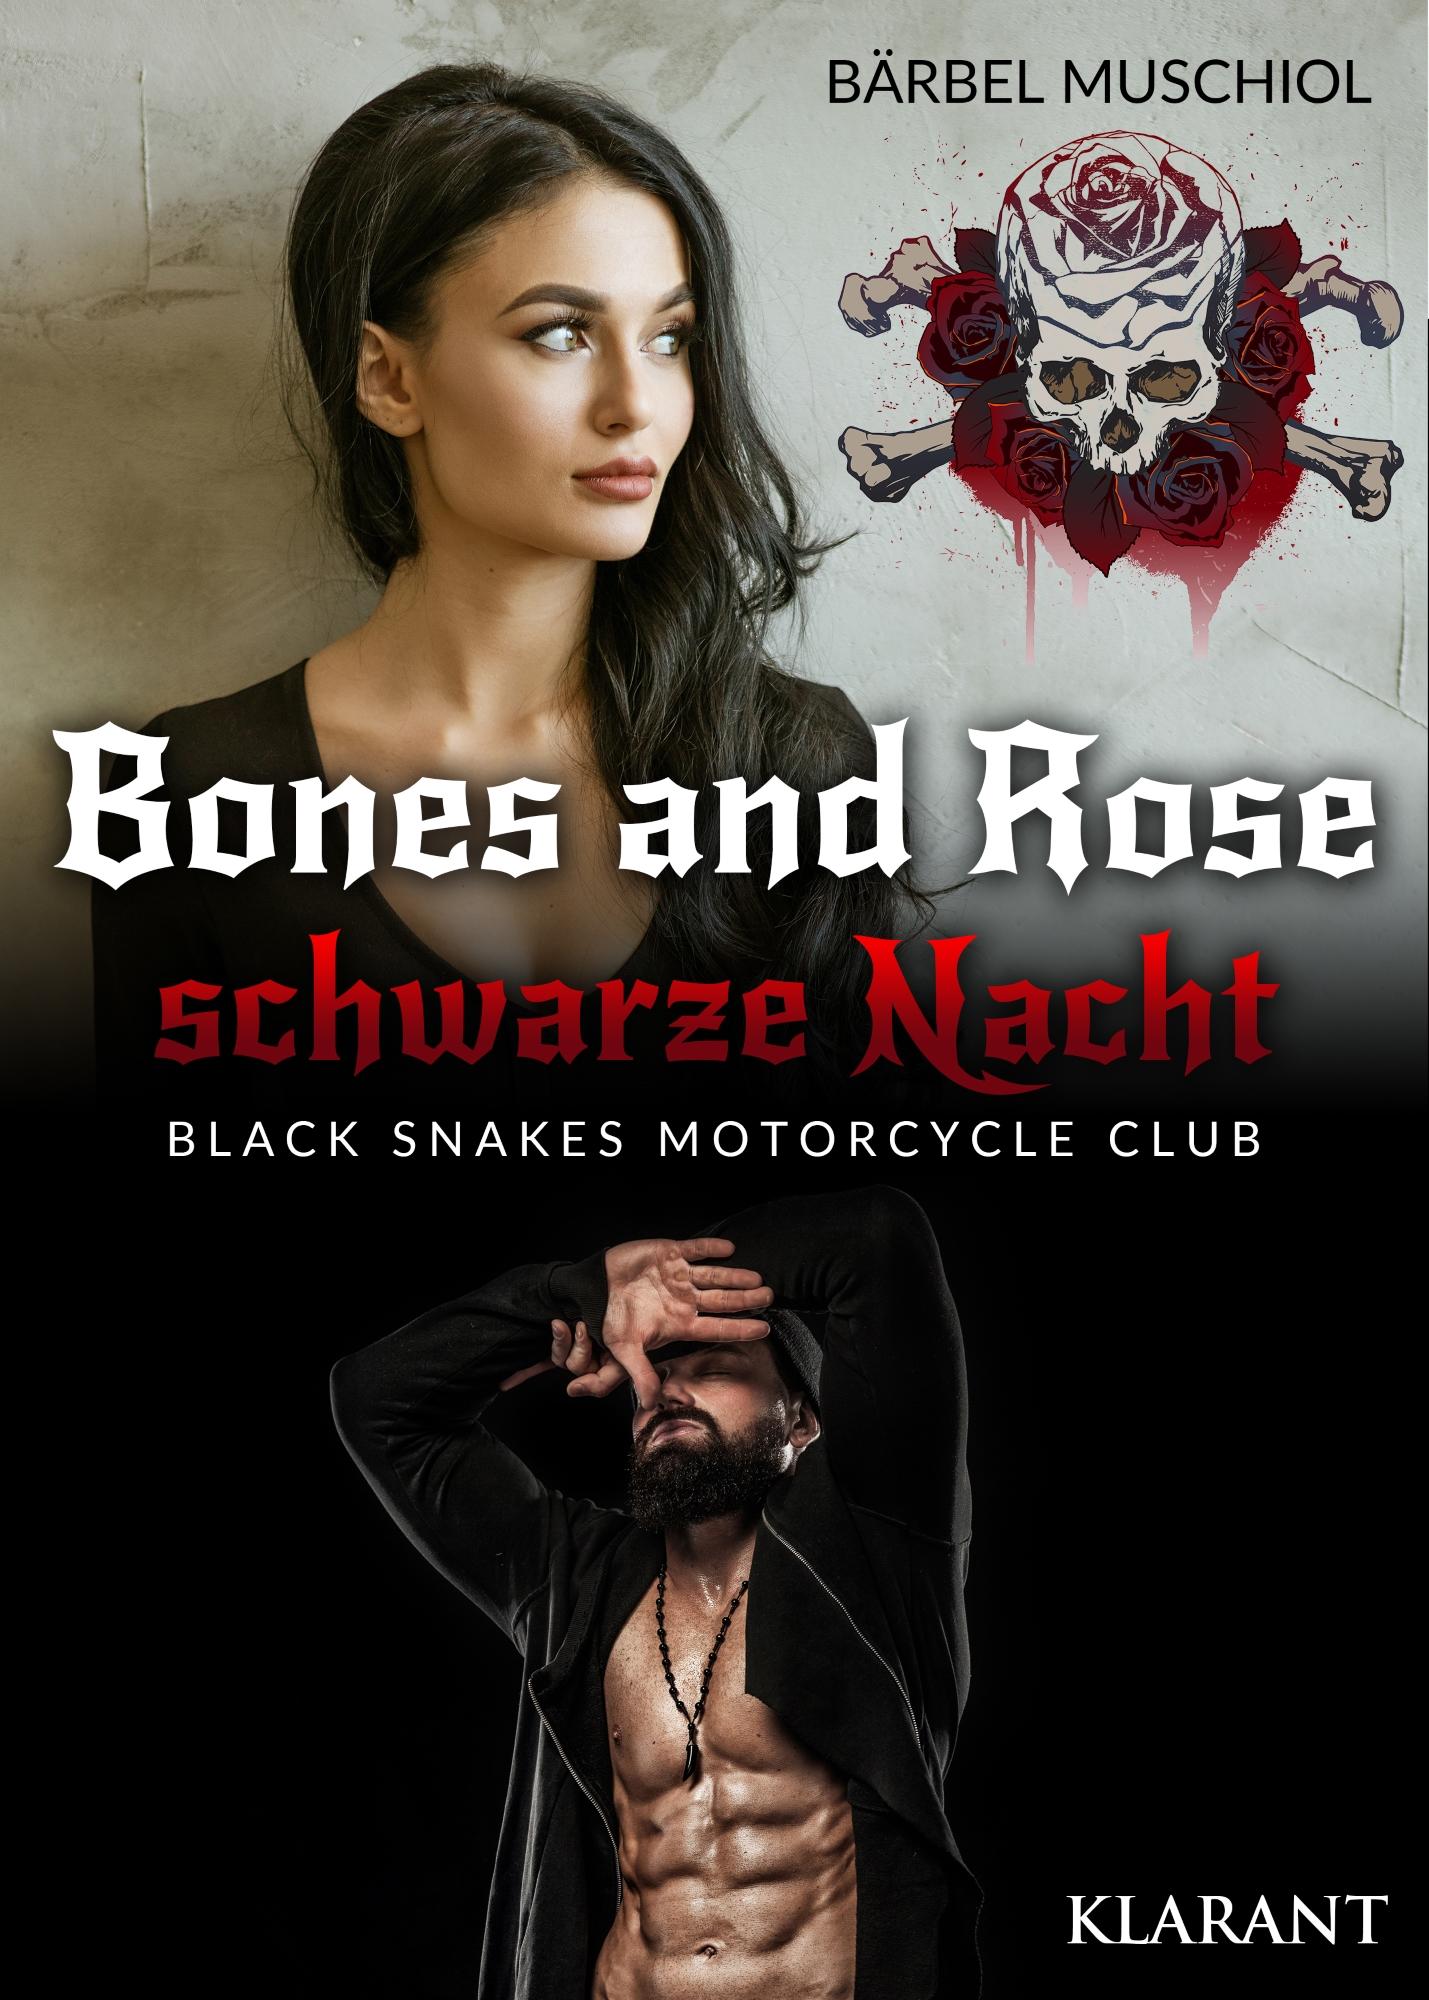 Bones and Rose schwarze Nacht